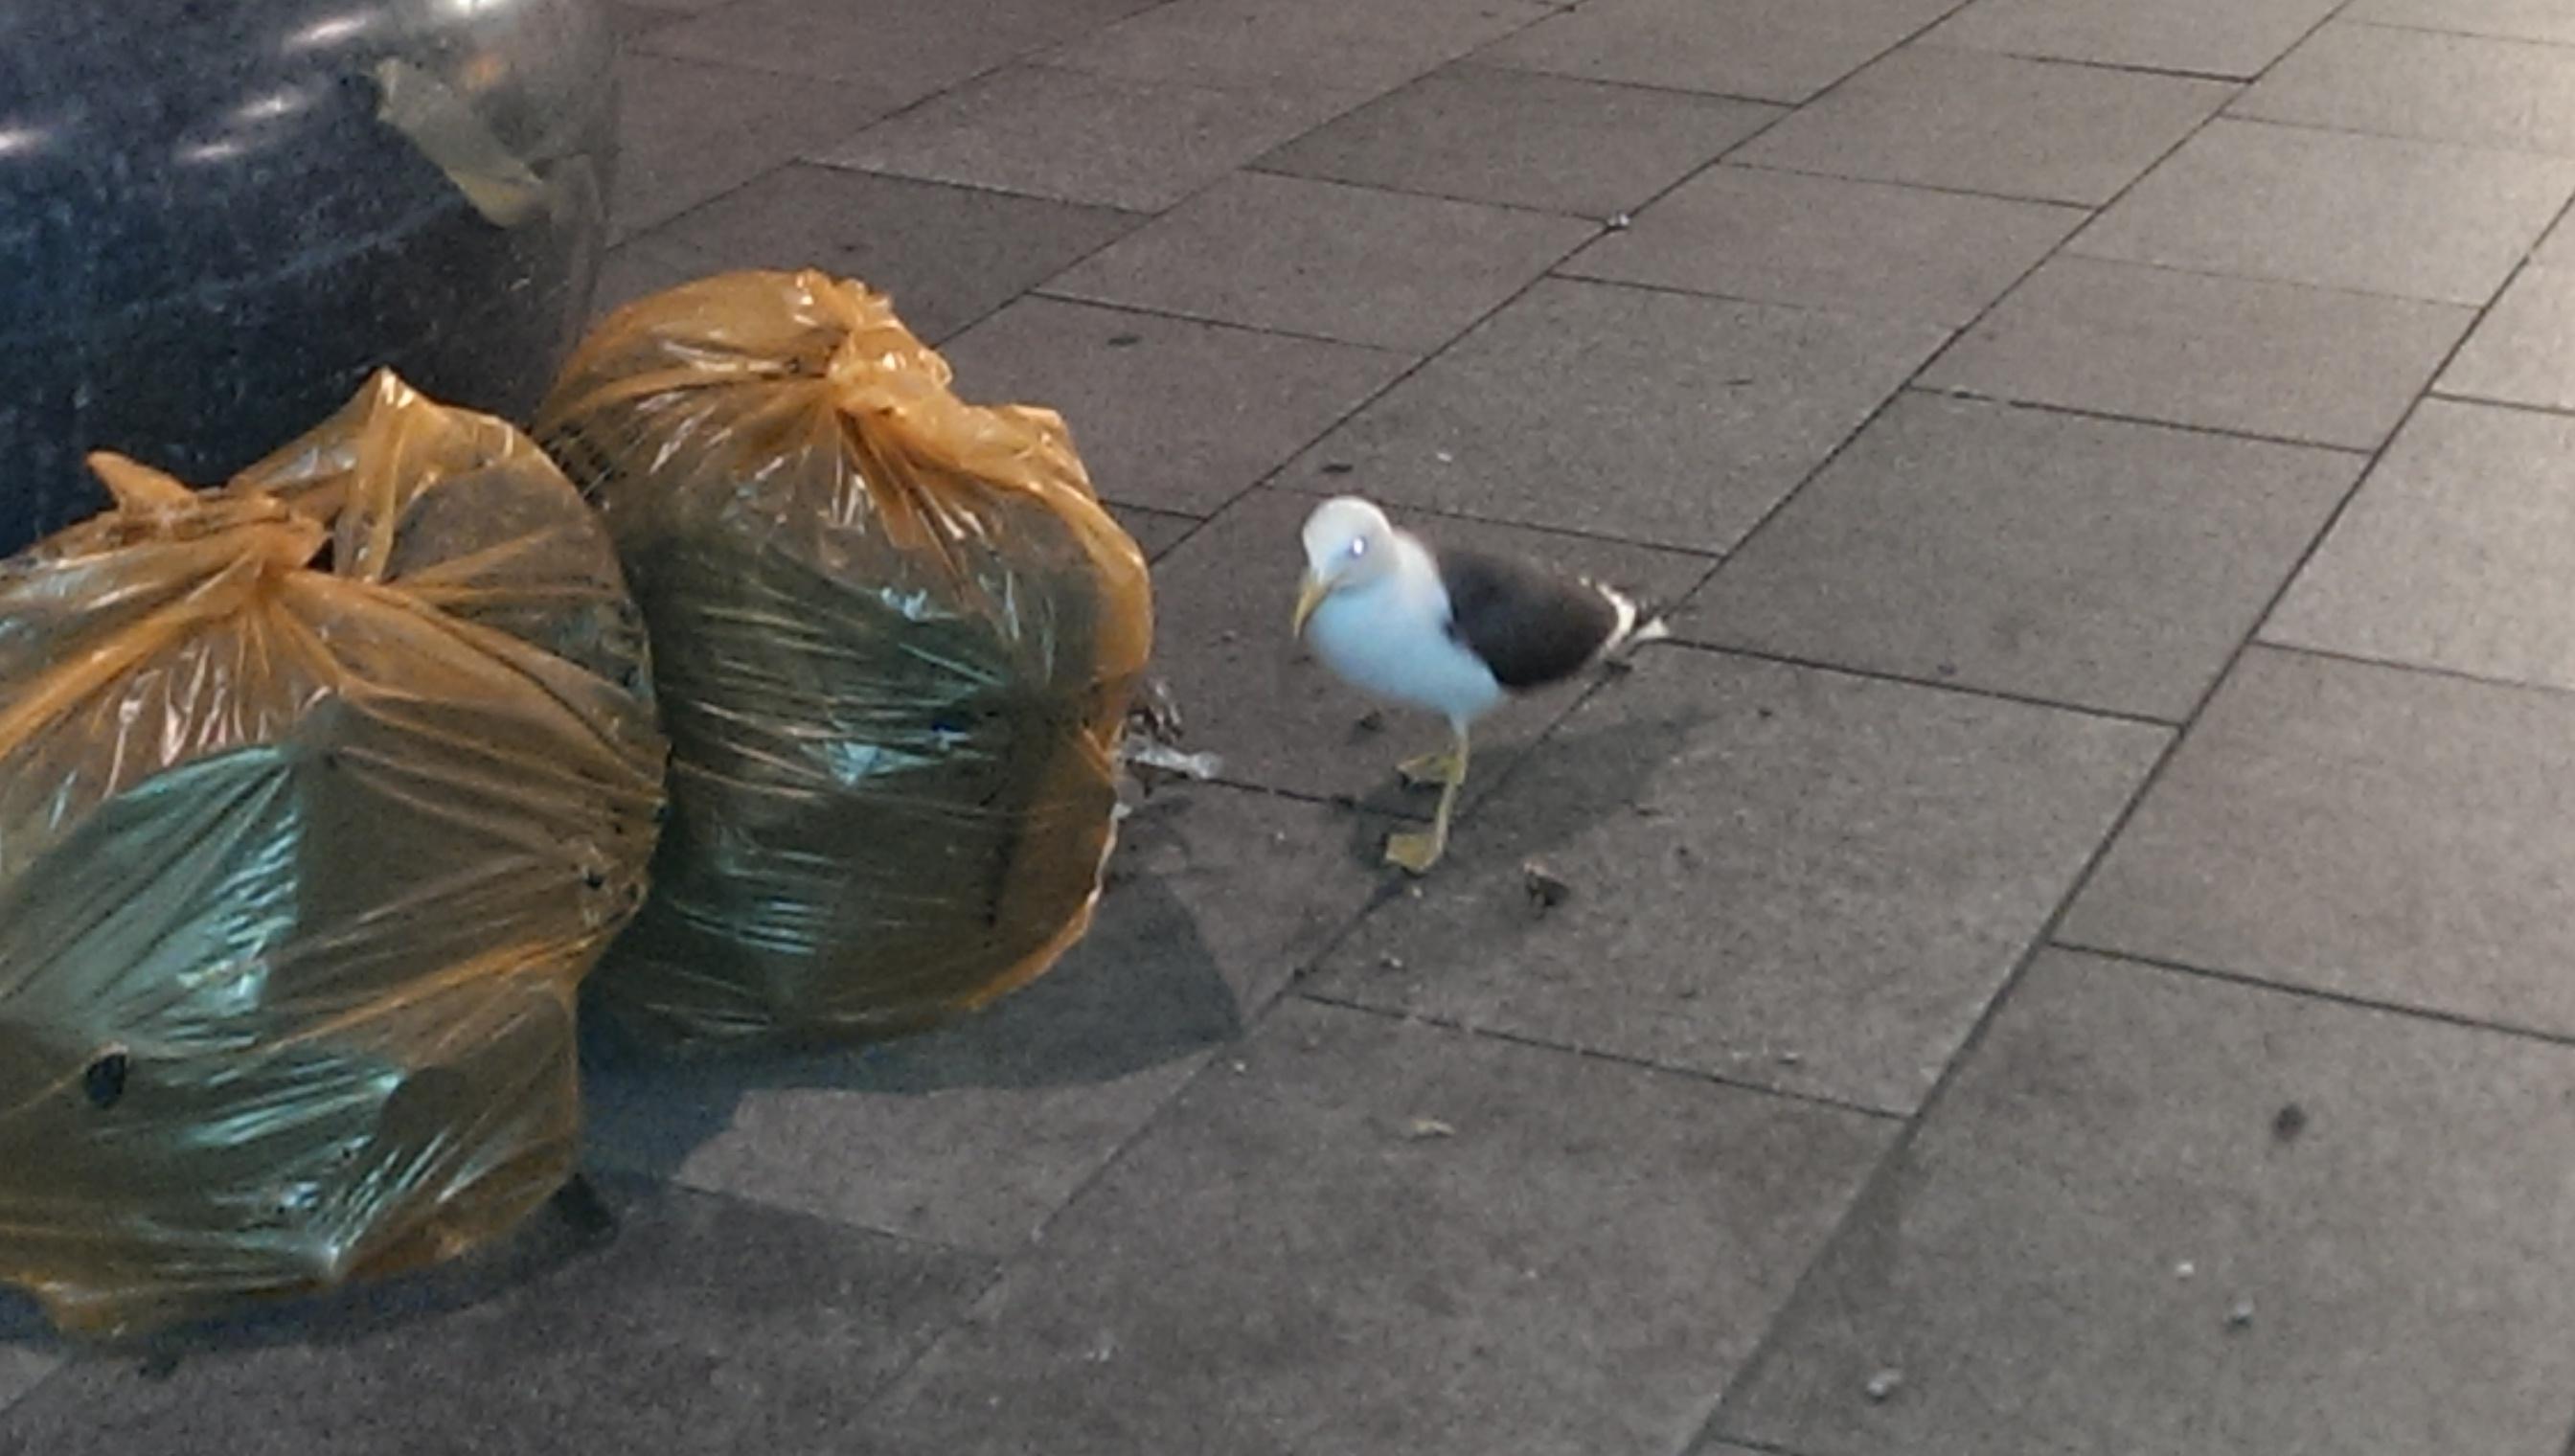 Street Food seagull